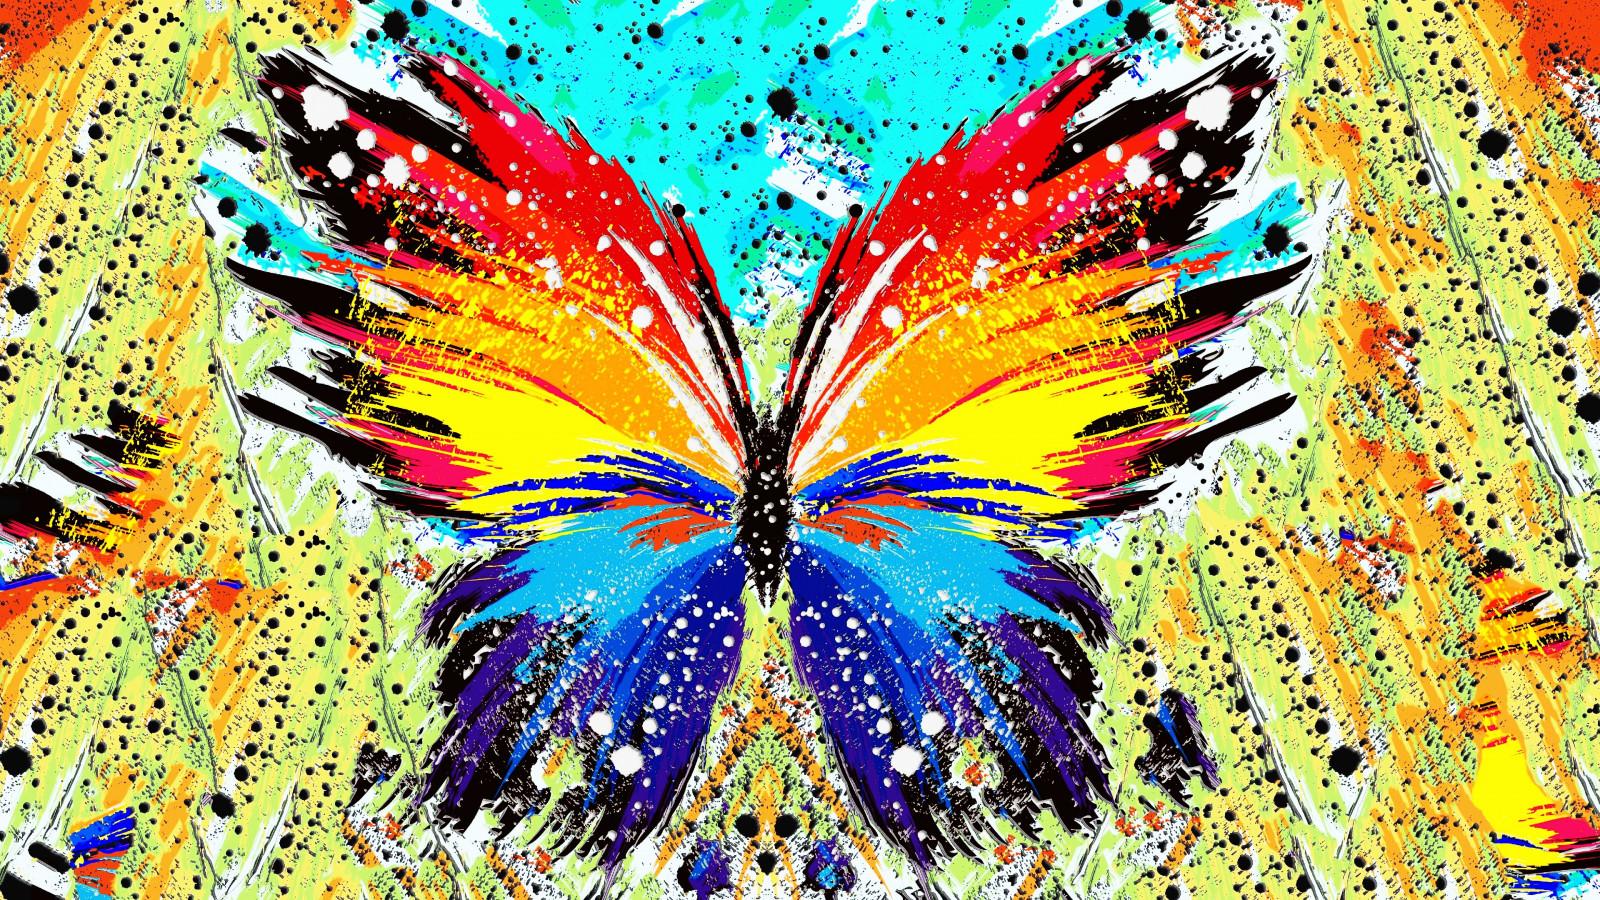 сняли гг картинки для картинки для рисования много разных и ярких вяжется мозаикой